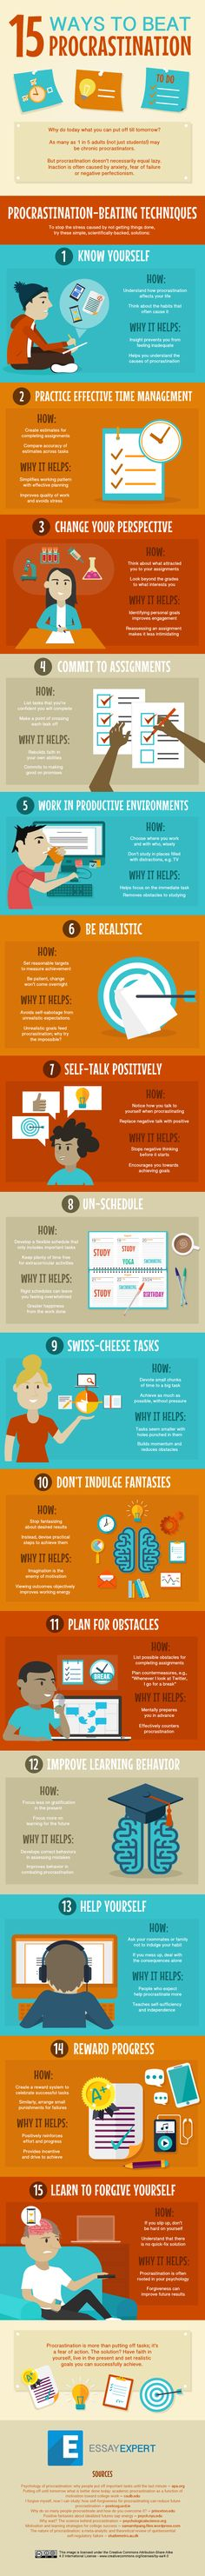 Aqui estão dicas preciosas para vencer a procrastinação.